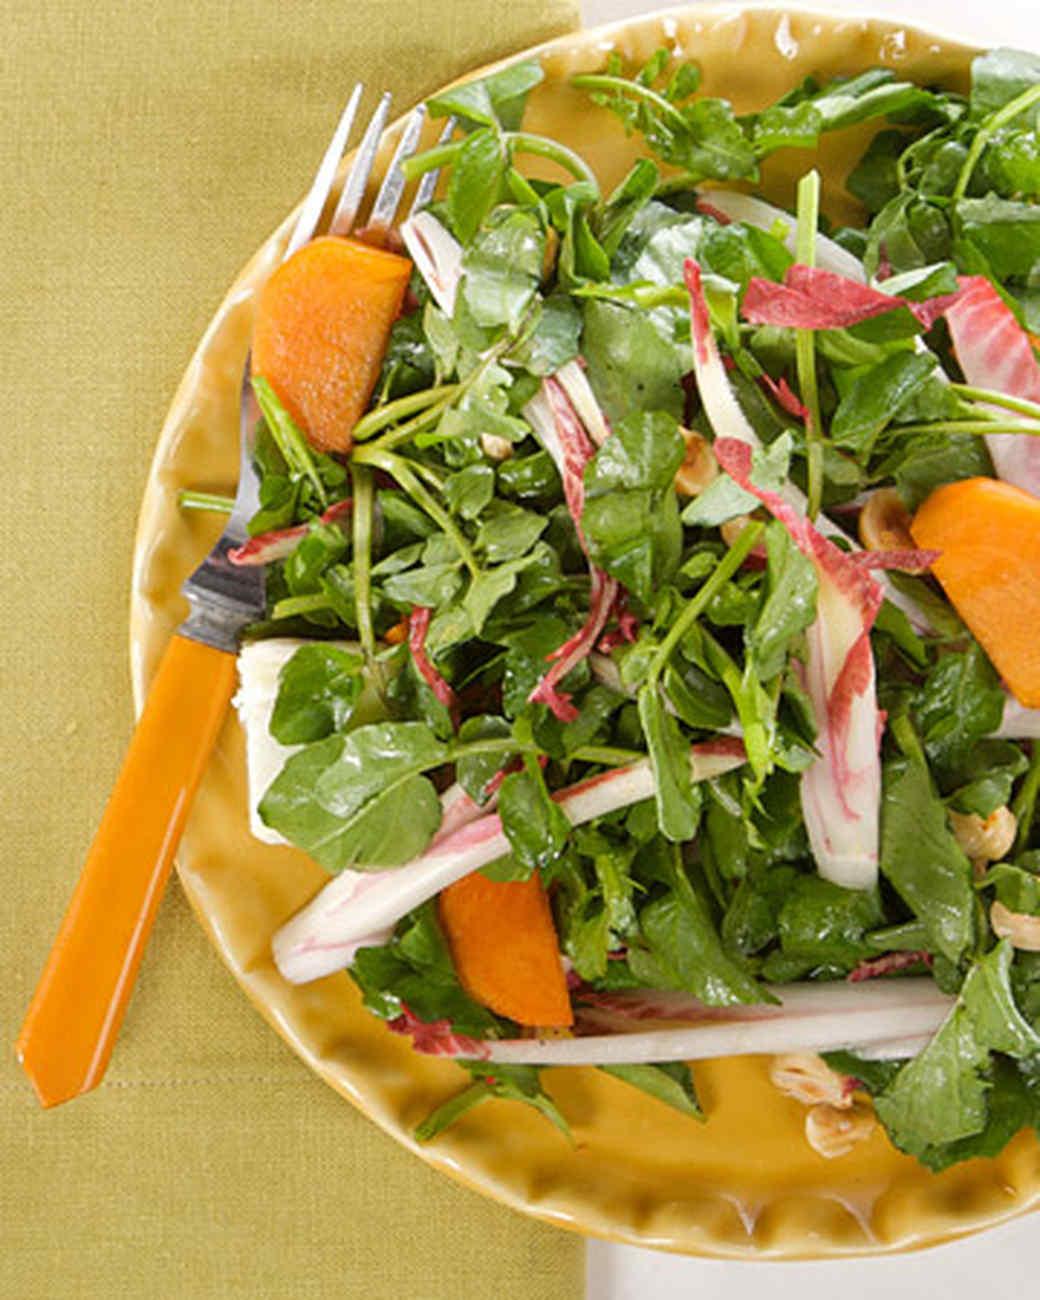 4080_011509_salad.jpg